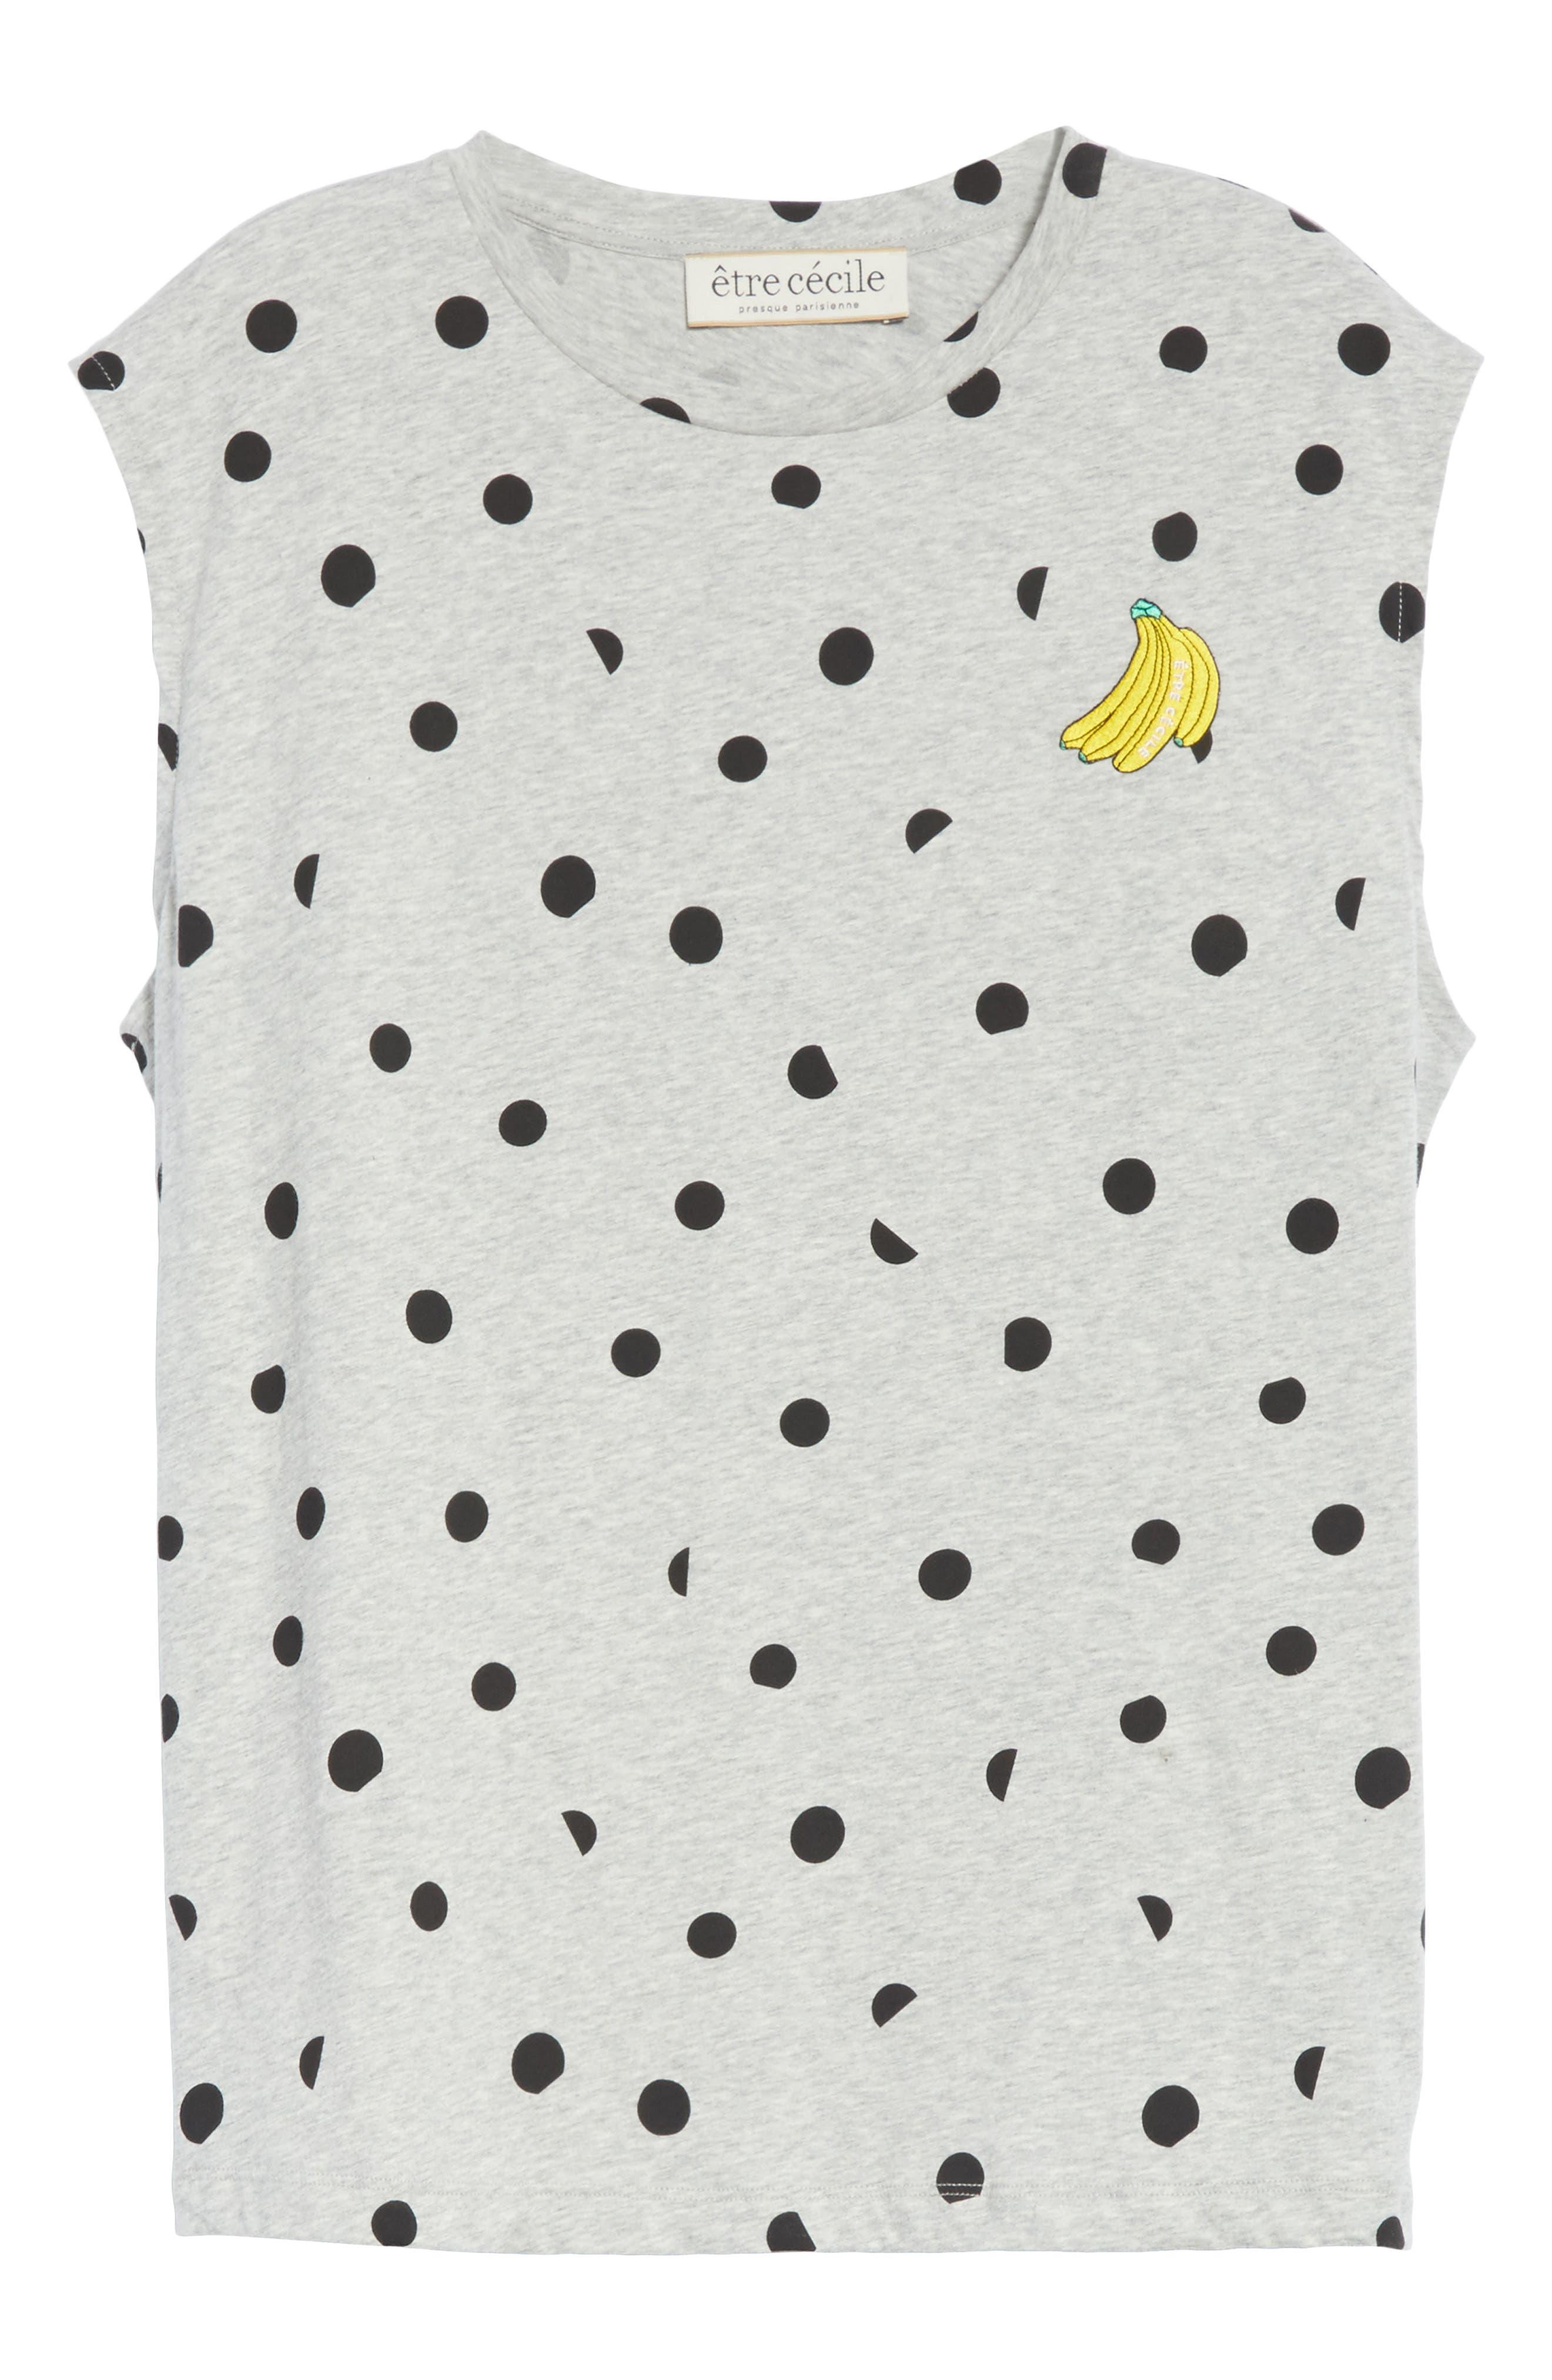 être cécile Banana Dot Boyfriend Tank,                             Alternate thumbnail 6, color,                             Grey Marl/ Black Dot